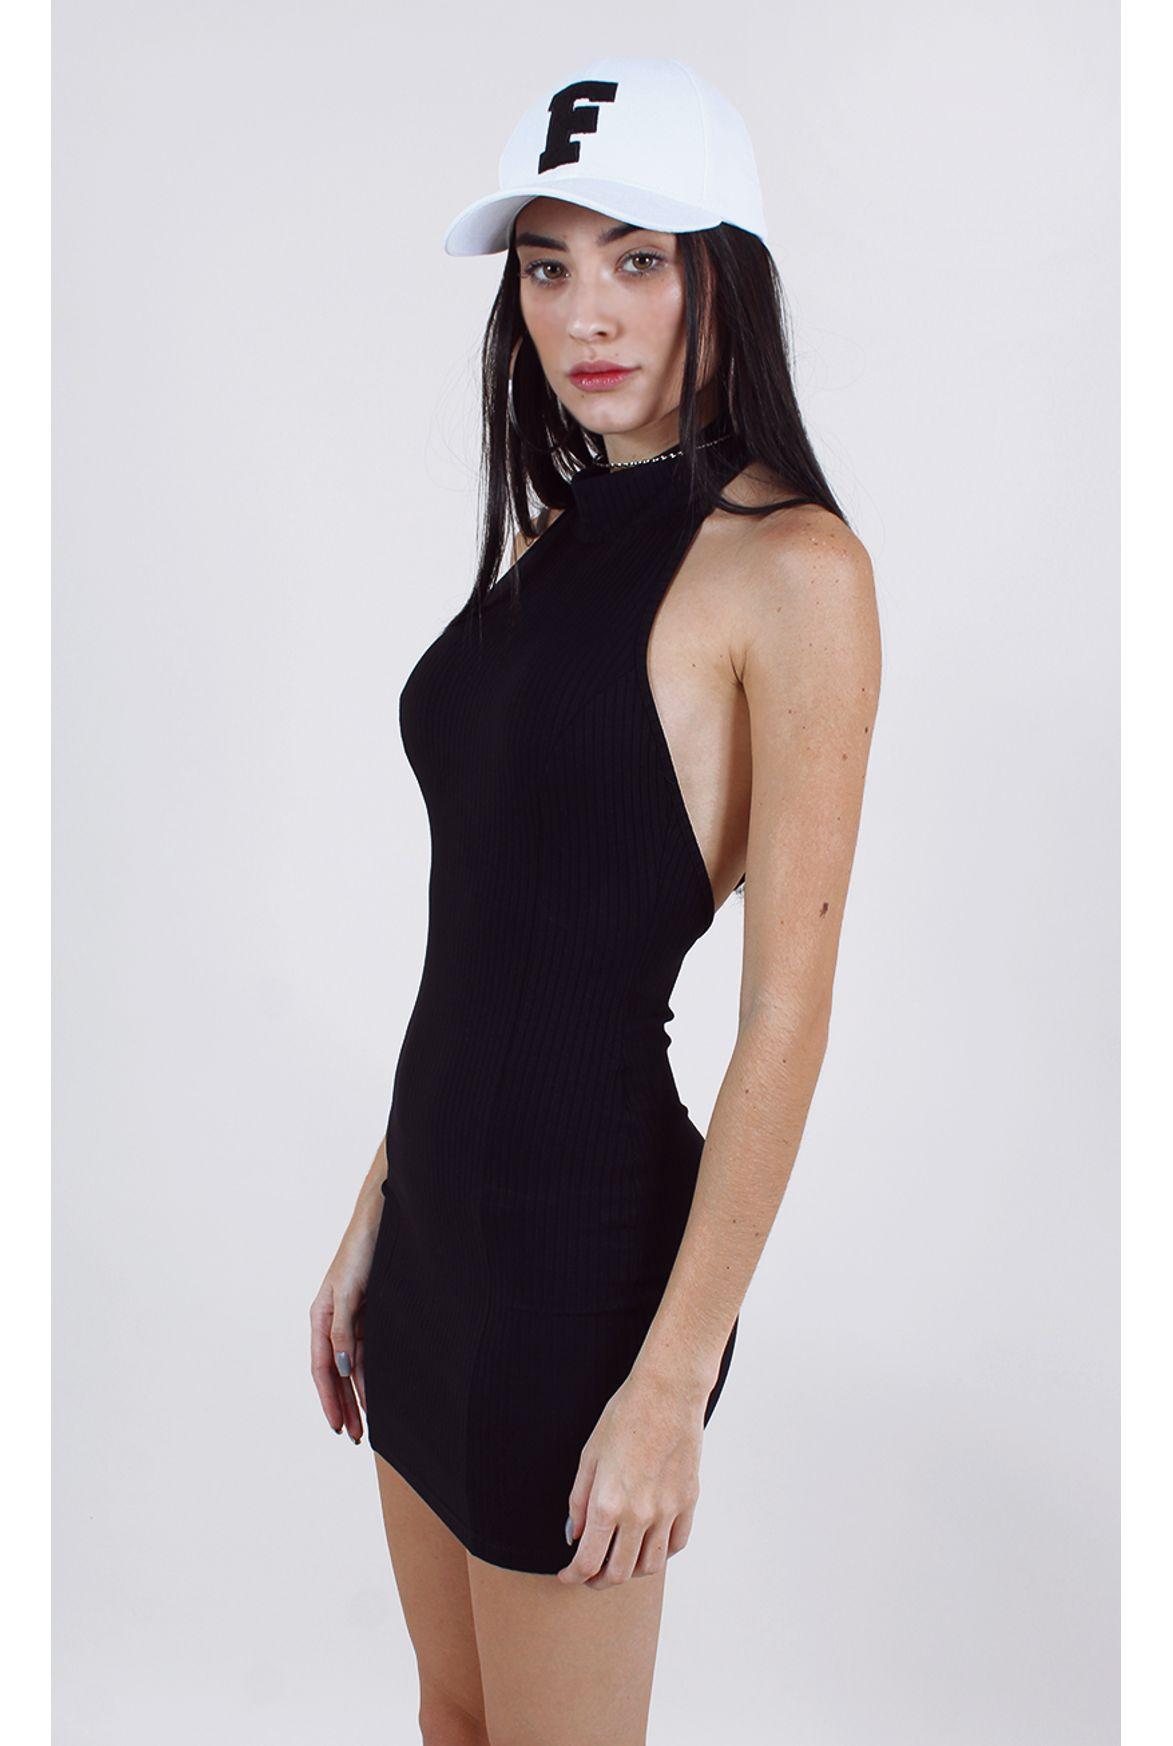 2c56fe7a91 FSHN - vestido soho w  gola preto - Fashion Closet